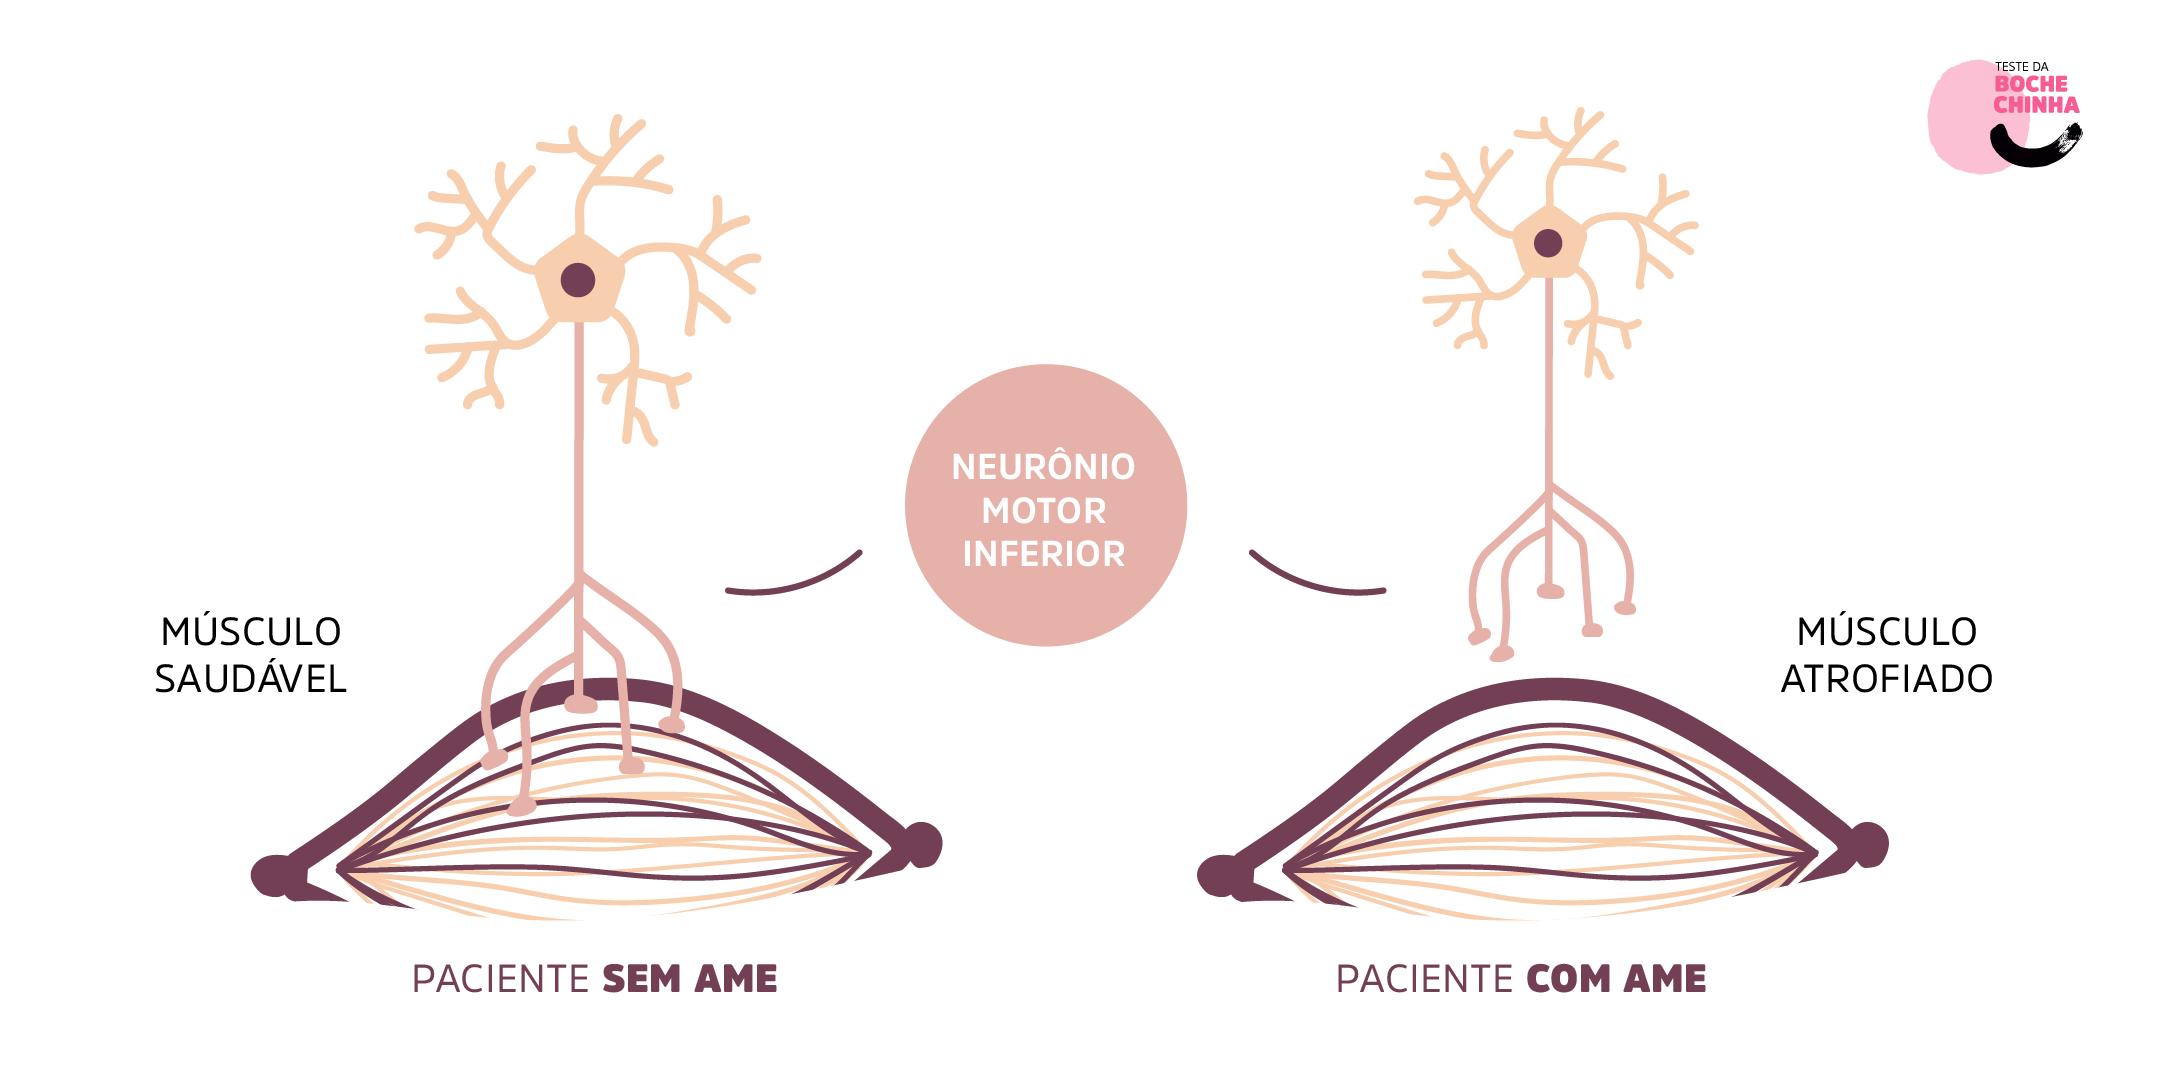 Figura 2. Ilustração representando a diferença entre o músculo de pessoas com AME 5q e em pessoas sem AME 5q. A falta de conexão do neurônio motor com o músculo causa fraqueza e atrofia progressiva.